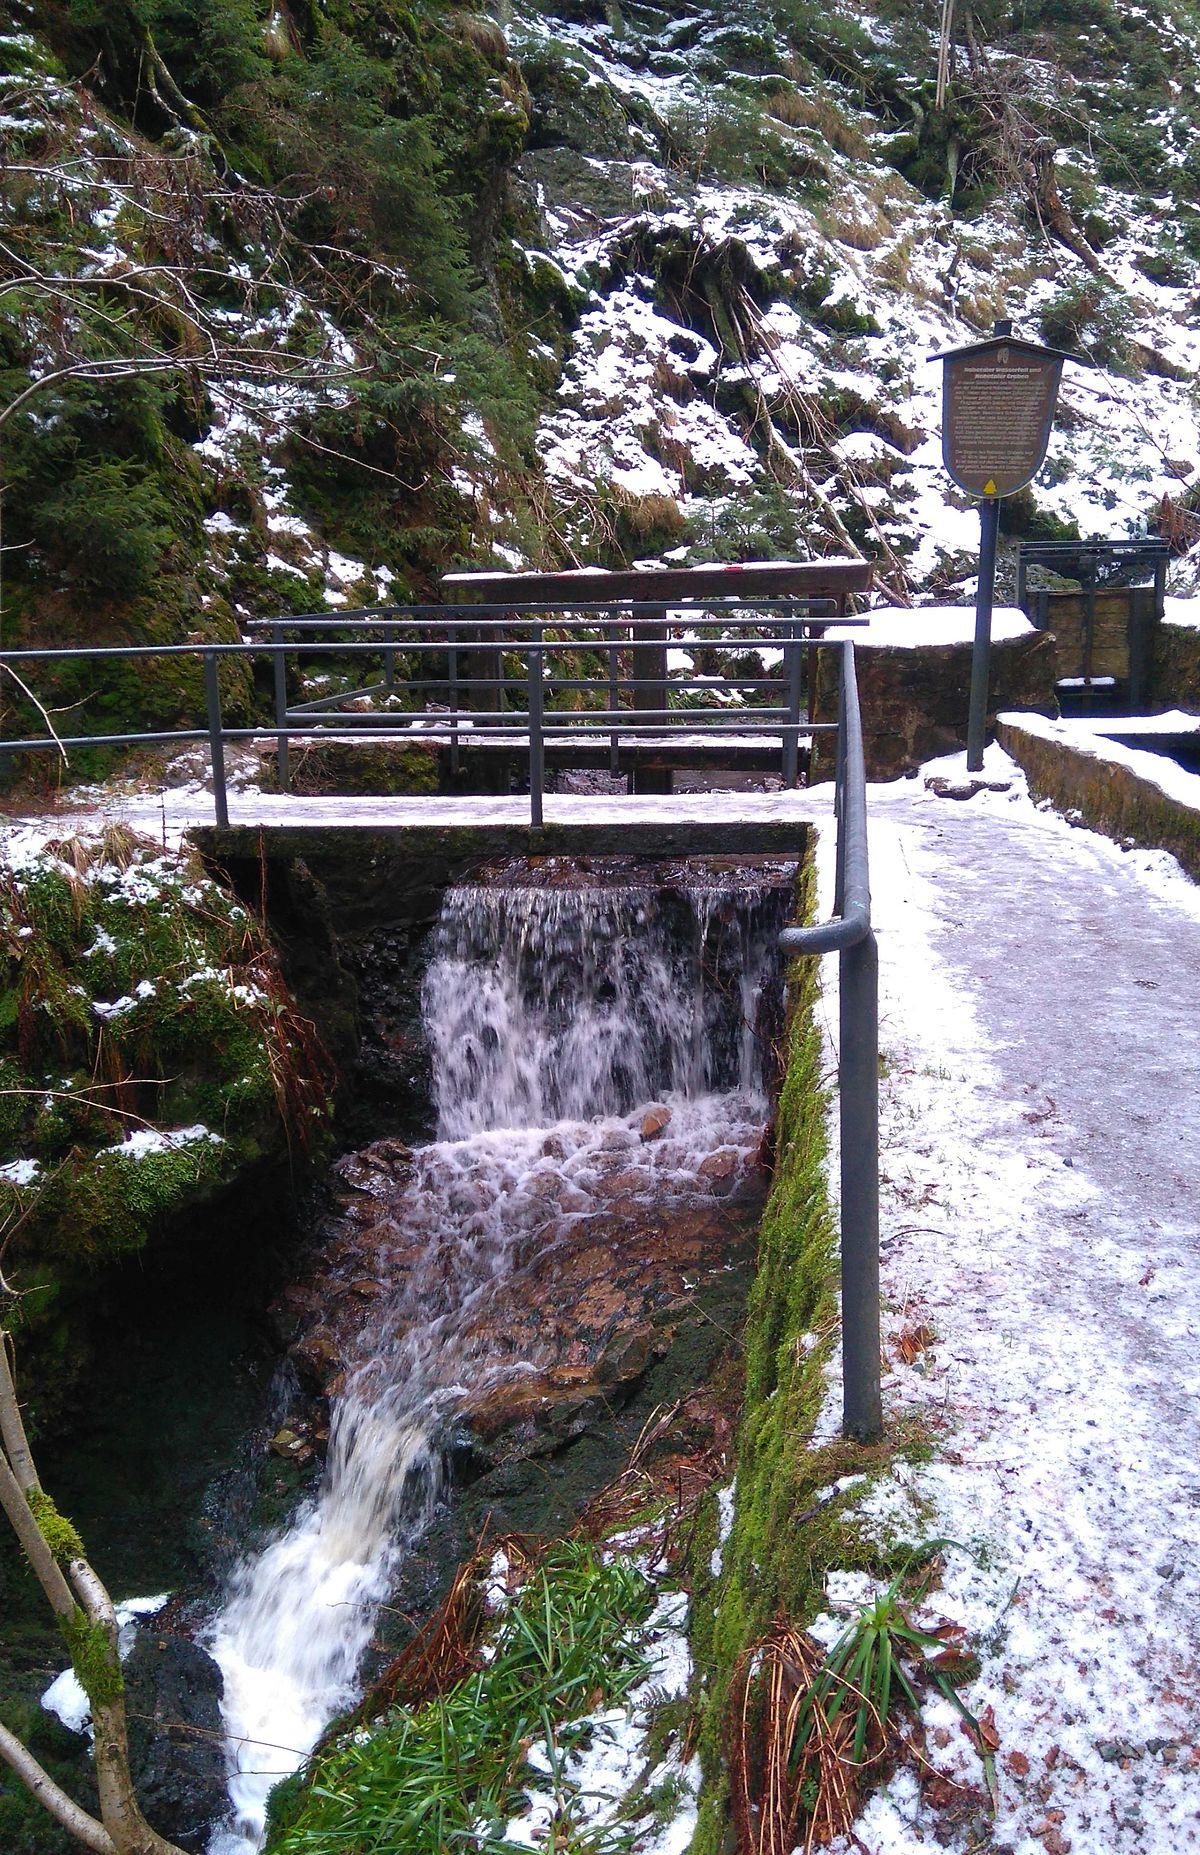 Nabentaler wasserfall wikipedia - Wasserfall wand ...